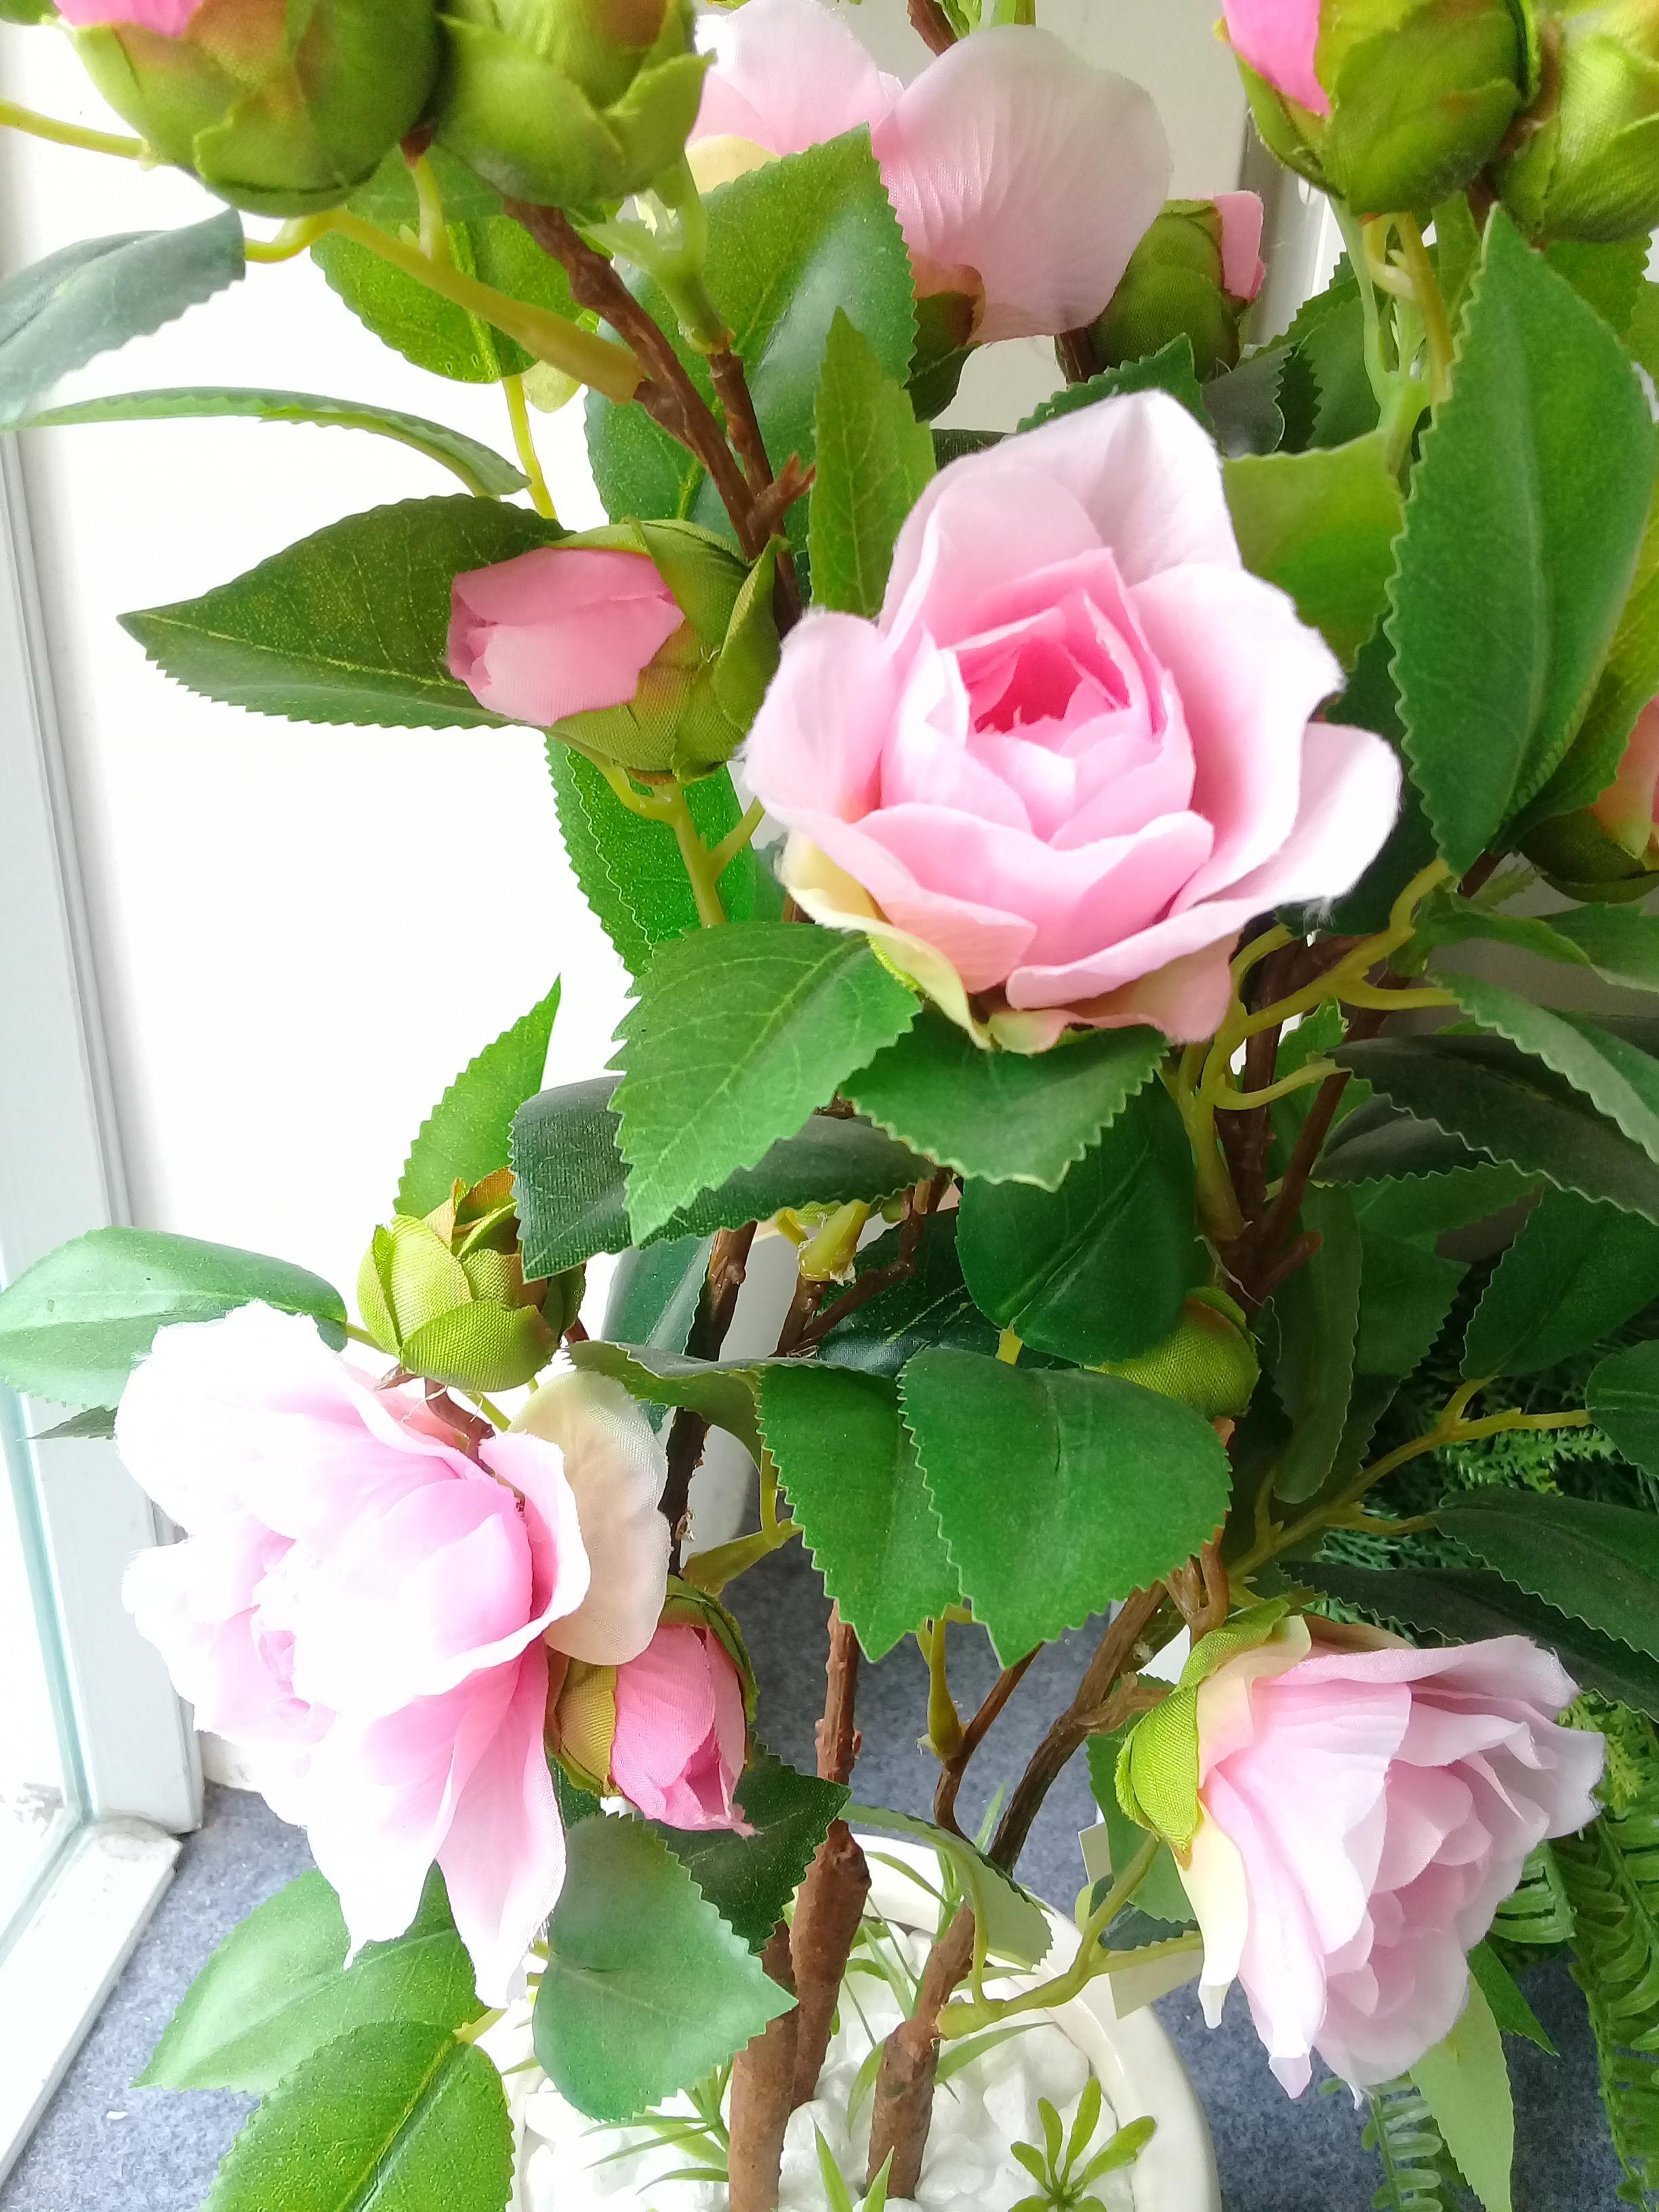 Đóa hoa trà mi hồng phấn cực đẹp